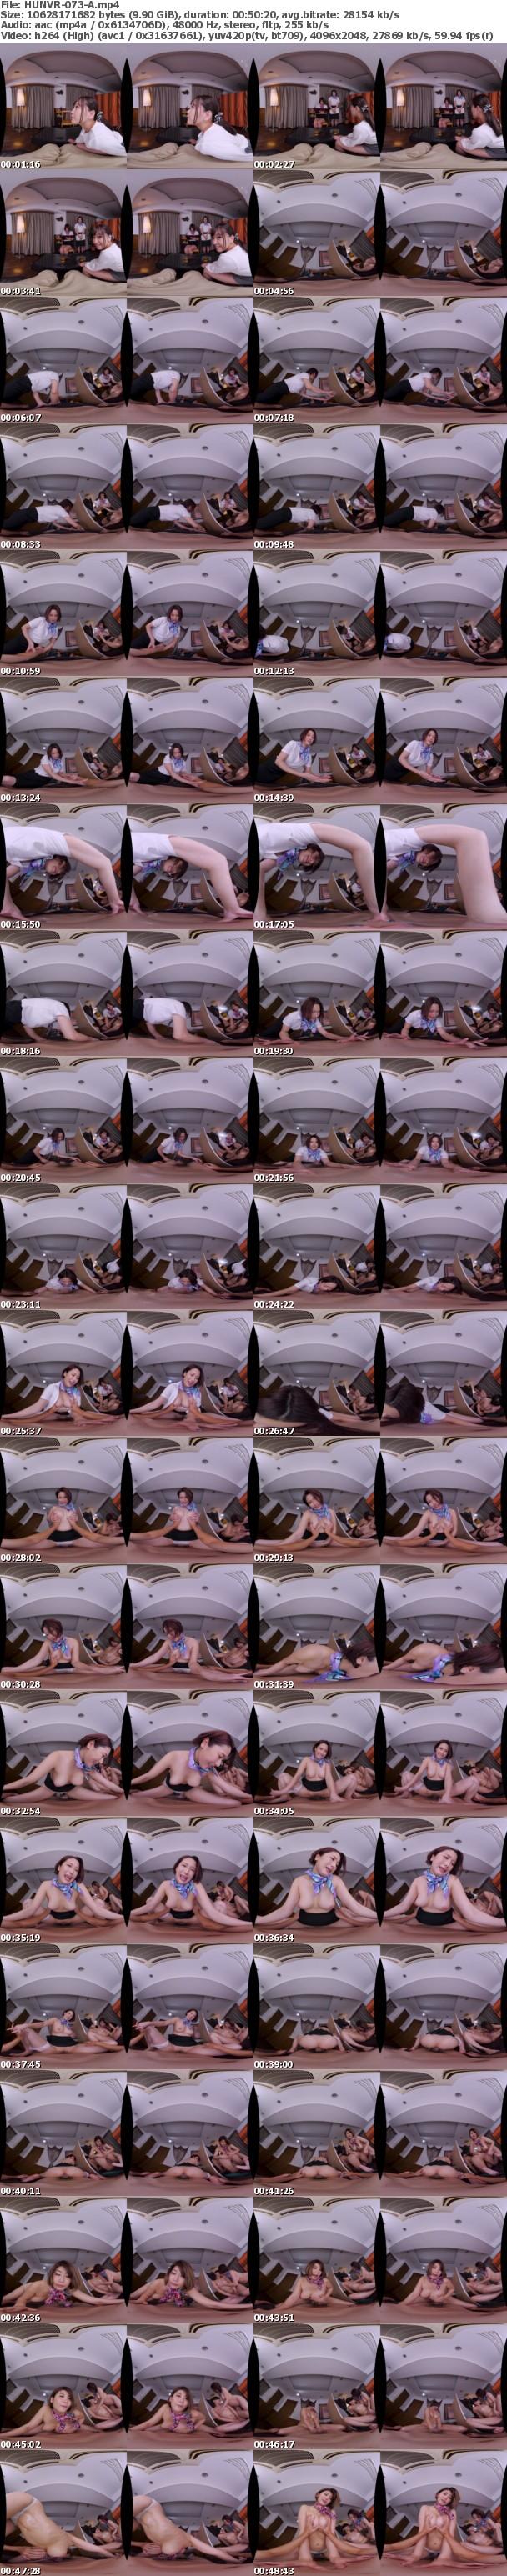 (VR) HUNVR-073 彼女と一緒に行ったエステで隣で施術を受けている彼女がエステティシャンにNTRされていた!しかもそれを見てしまったボクもエステティシャンにNTRされてしまい、まさかのカップル同時NTR!3